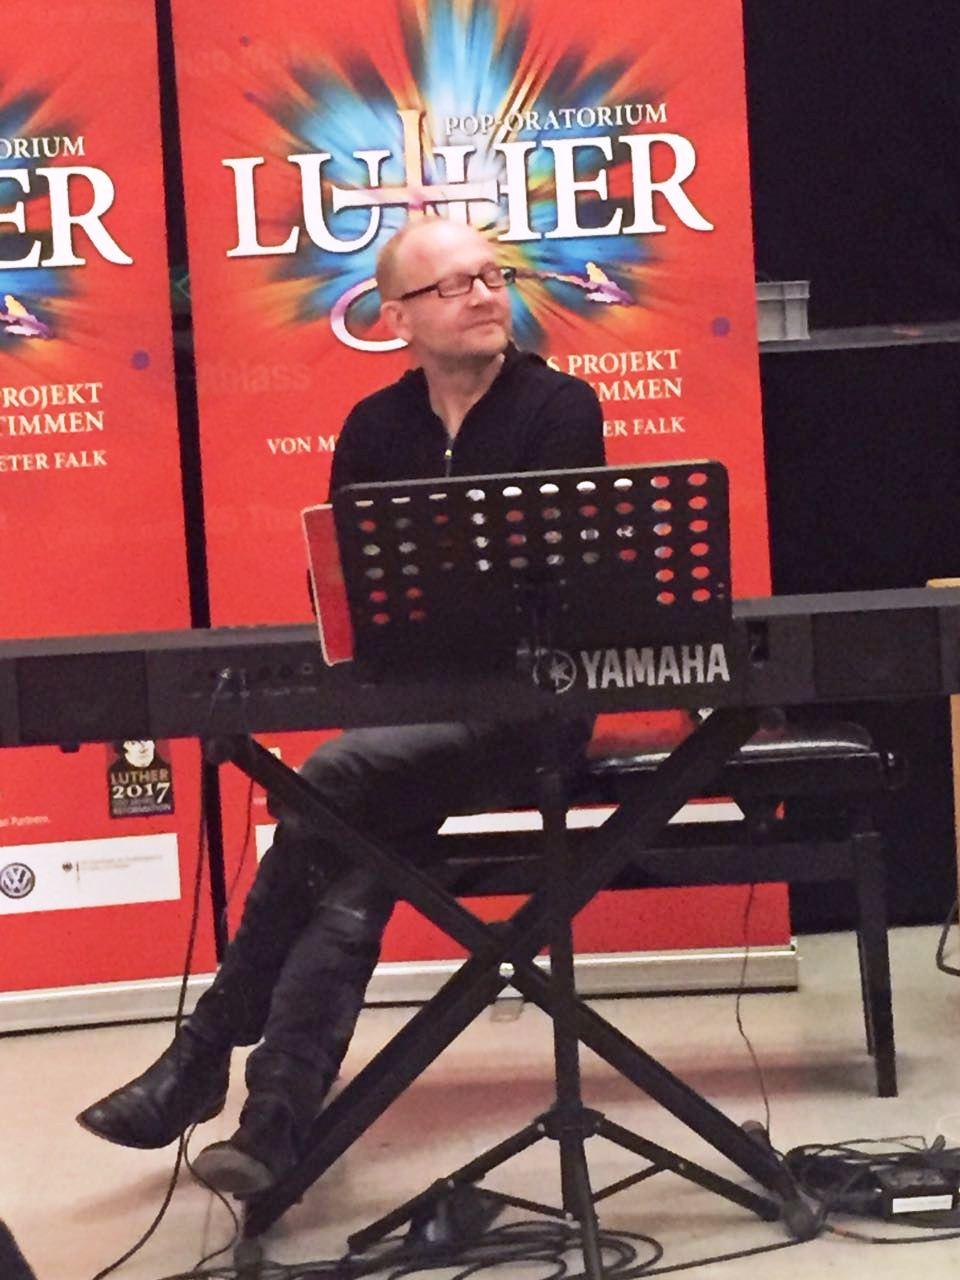 Pop-Oratorium Luther: Das Projekt Der Tausend Stimmen, 29. Oktober